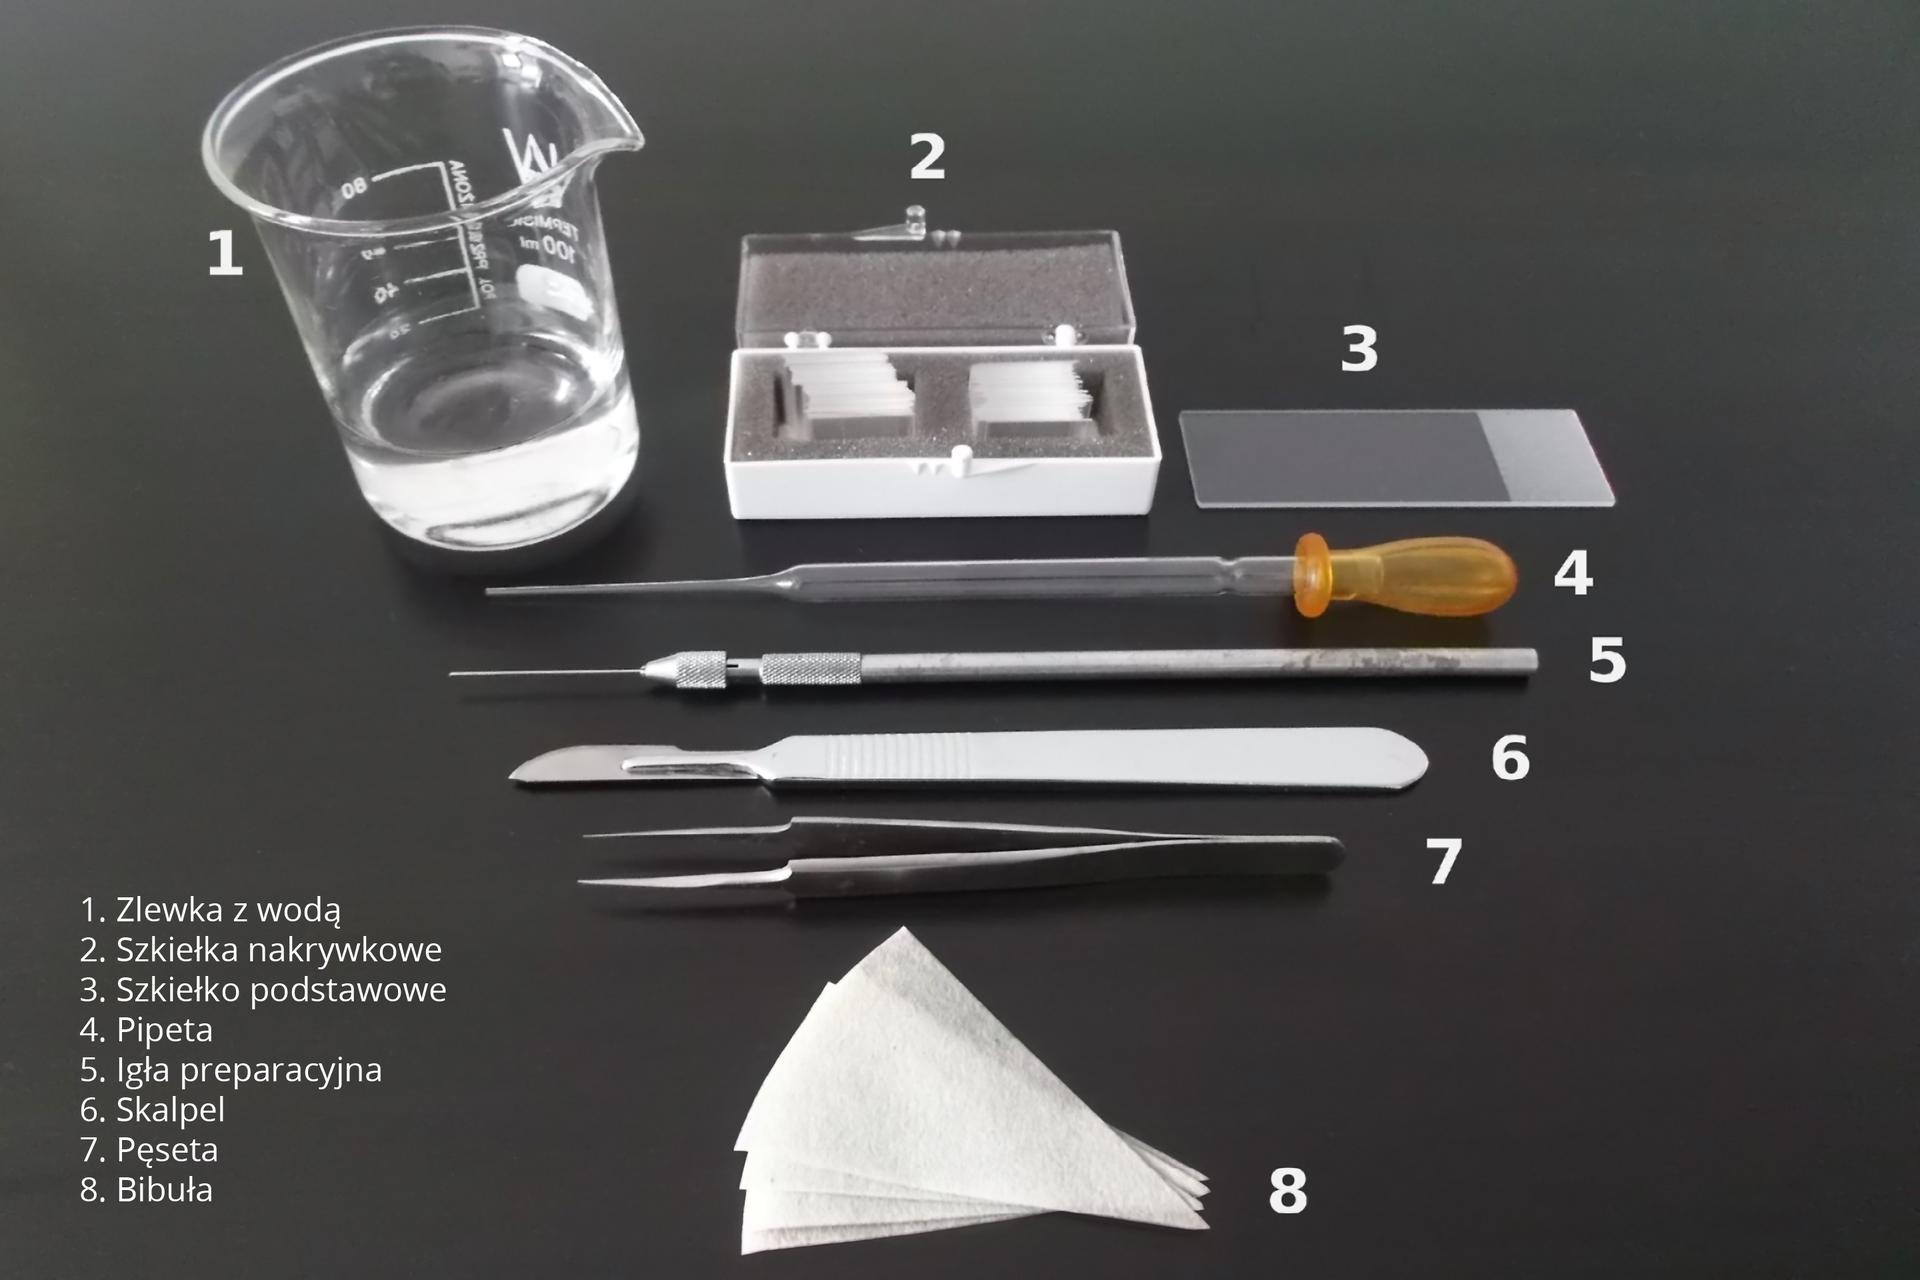 Fotografia przedstawia przedmioty, potrzebne do sporządzenia preparatu mikroskopowego. Każdy znich jest oznaczony cyfrą od 1 do 8. Ugóry stoi zlewka zwodą onumerze jeden. Po prawej znajduje się pudełeczko zkwadratowymi, cienkimi szkiełkami nakrywkowymi, ułożonymi wotworach wgąbce. Obok leży pojedyncze, prostokątne szkiełko nakrywkowe znumerem trzy. Pod nimi są ułożone kolejno: pipeta, igła preparacyjna, skalpel ipęseta. Na dole fotografii umieszczono trójkątne kawałki białej bibuły znumerem osiem